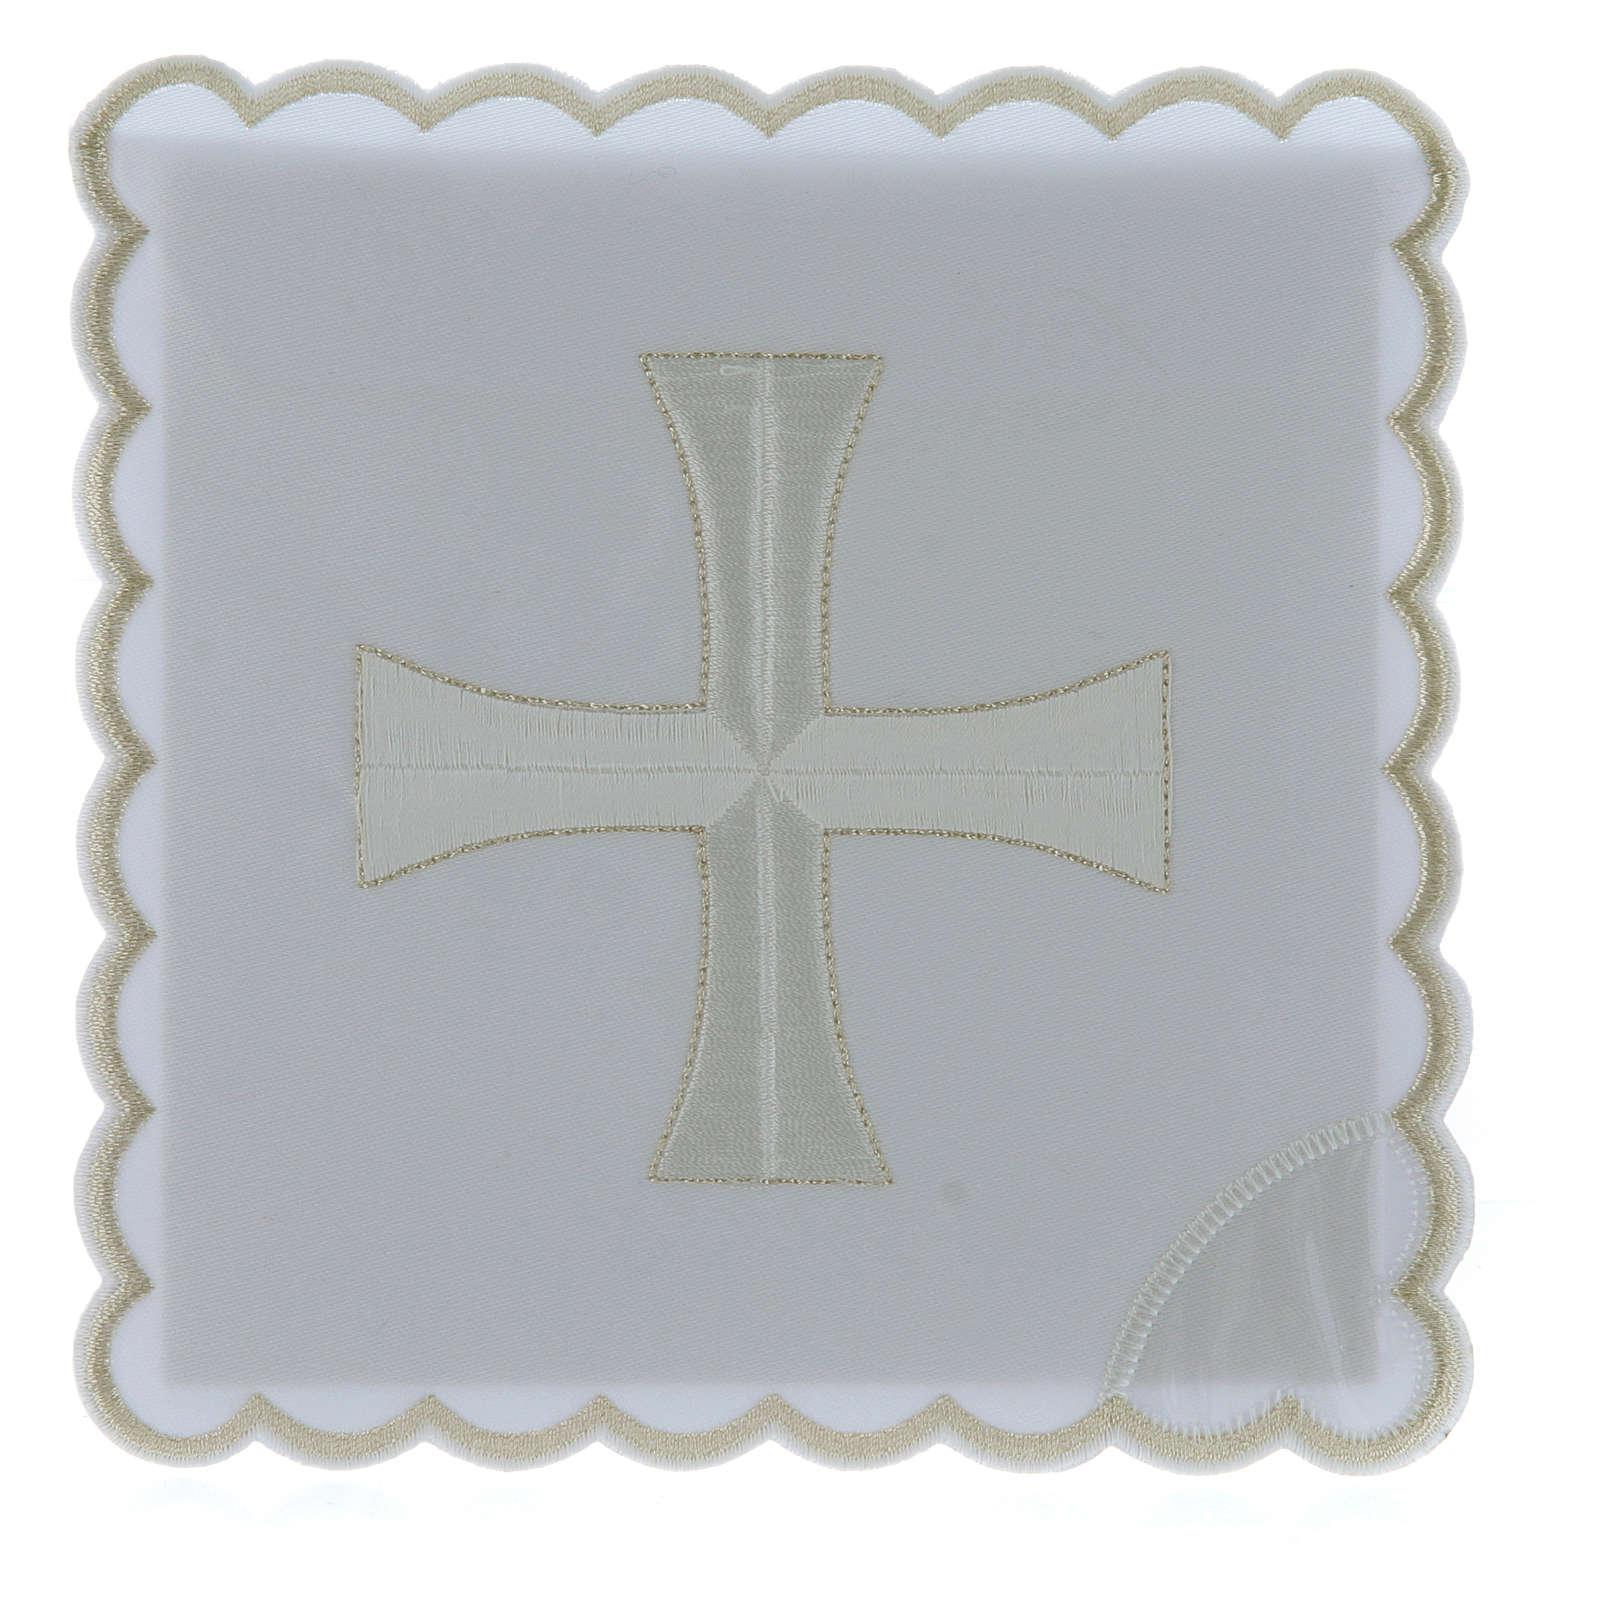 Bielizna kielichowa bawełna haft krzyż biały srebrny 4